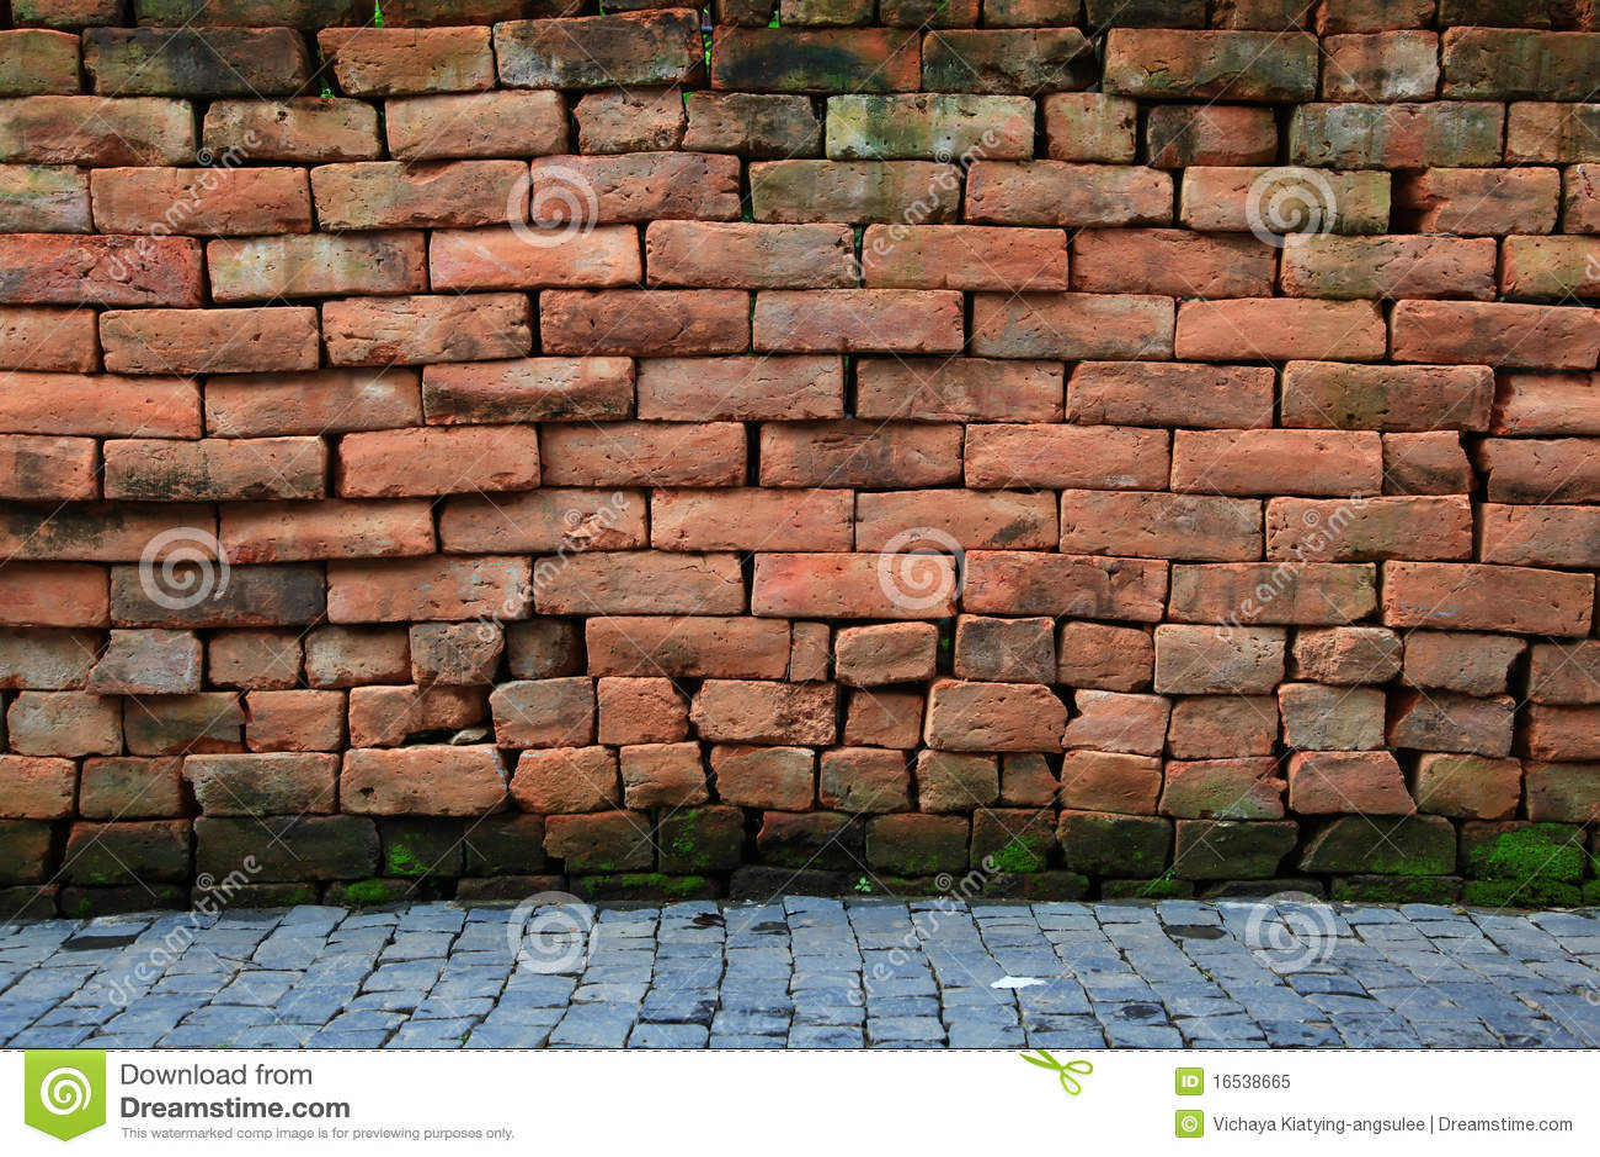 mur de briques en pierre rouge avec le trottoir image stock image 16538665. Black Bedroom Furniture Sets. Home Design Ideas